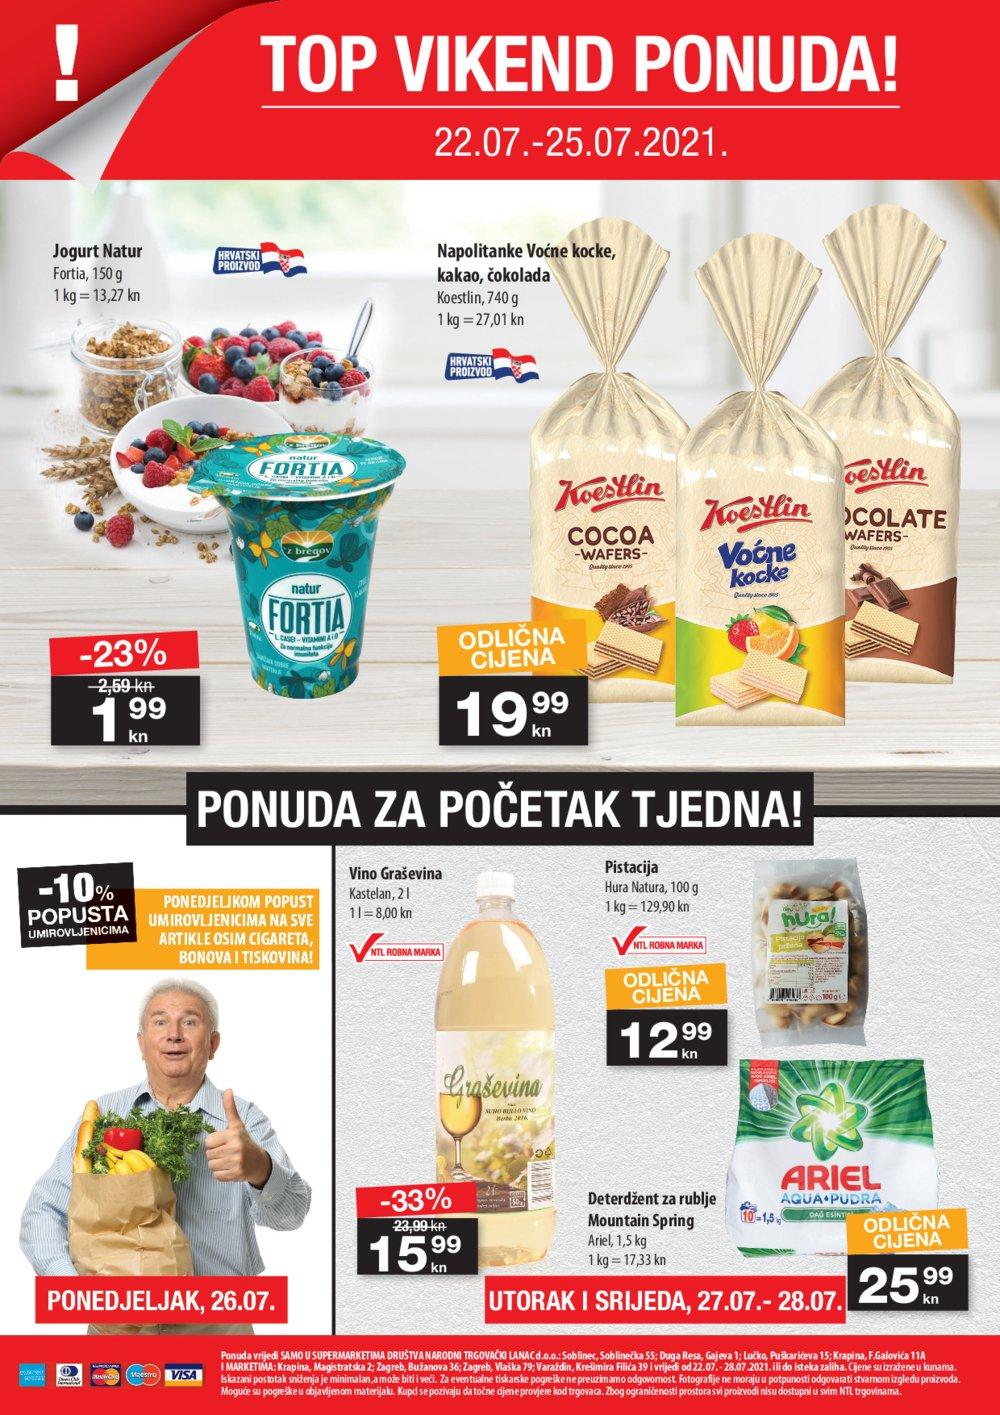 NTL katalog Akcija 22.07.-28.07.2021. Soblinec, Zagreb, Krapina, Lučko, Varaždin, Duga Resa